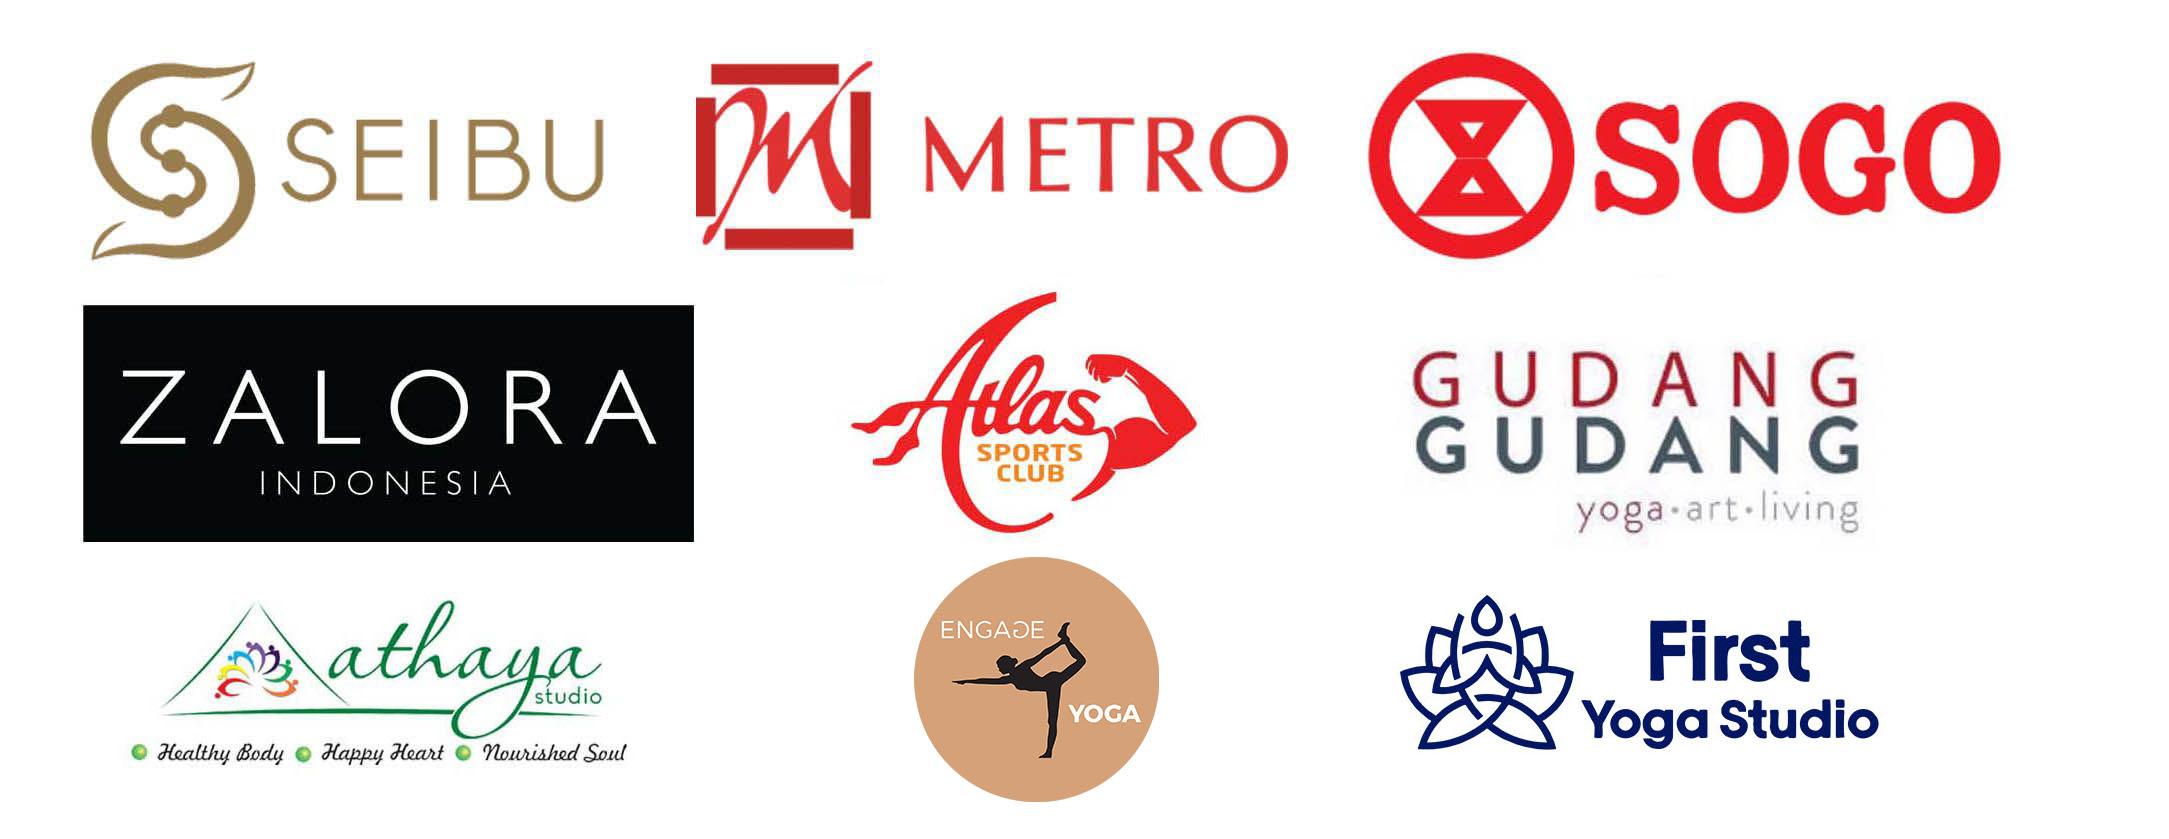 Seibu, Zalora, Metro, Sogo, Gudang-Gudang Yoga Studio, Athaya Studio Bali